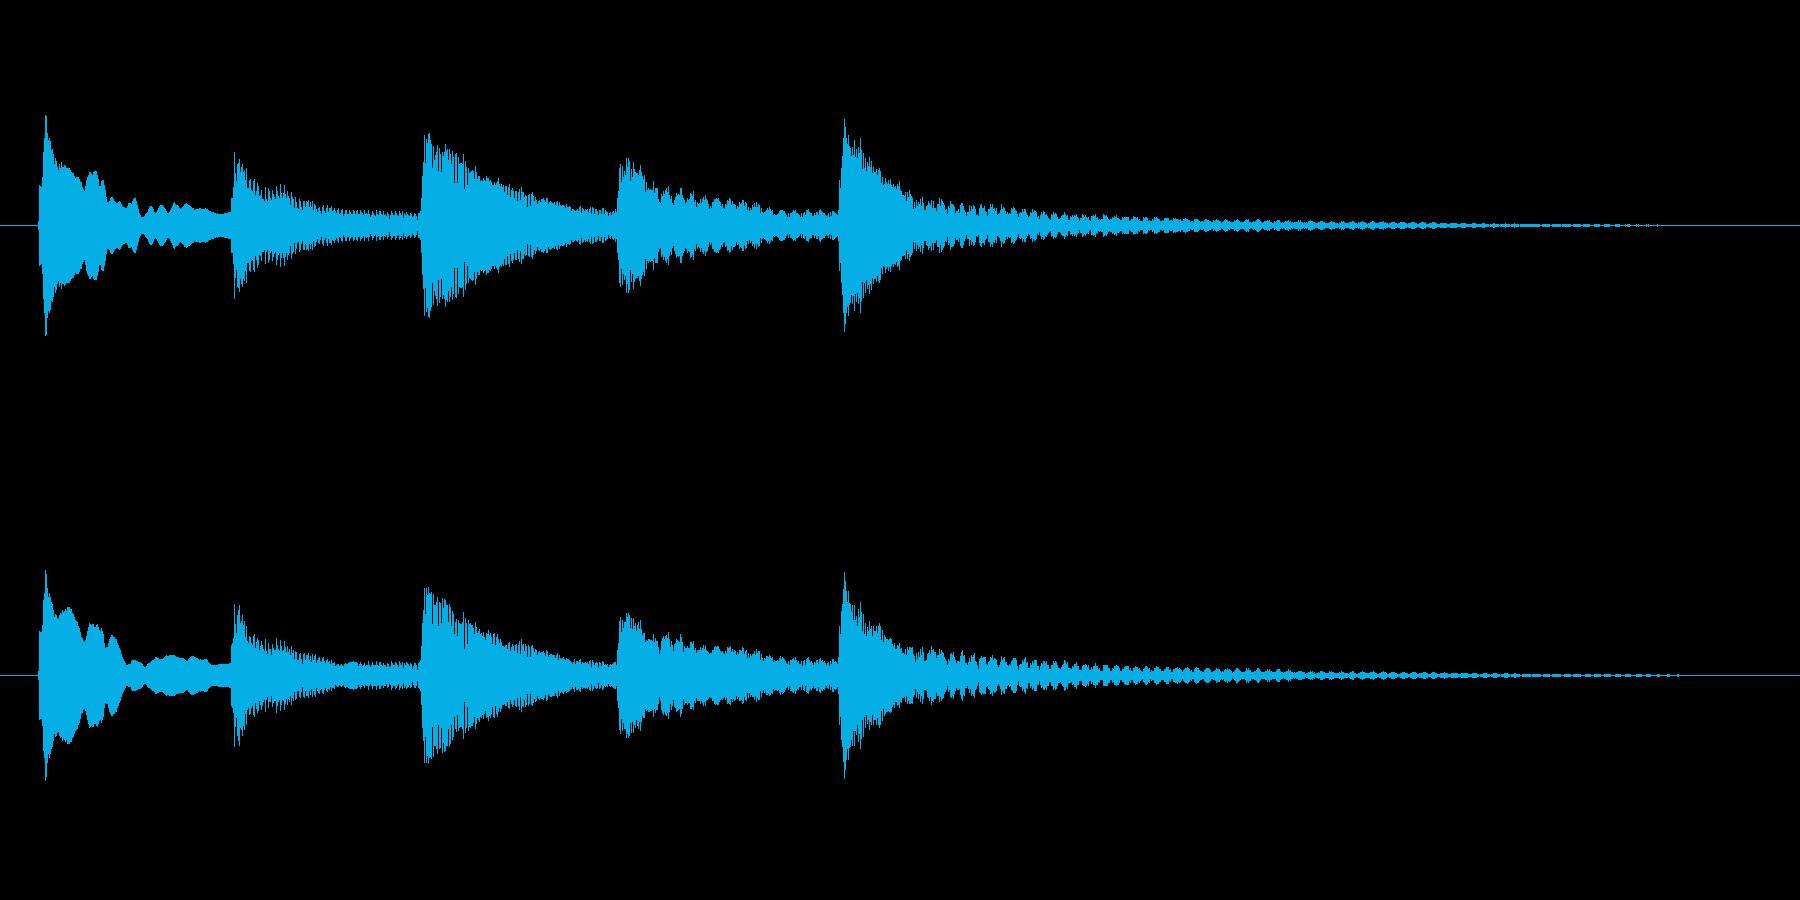 ゆらぎのある和風(琴)の終了音の再生済みの波形